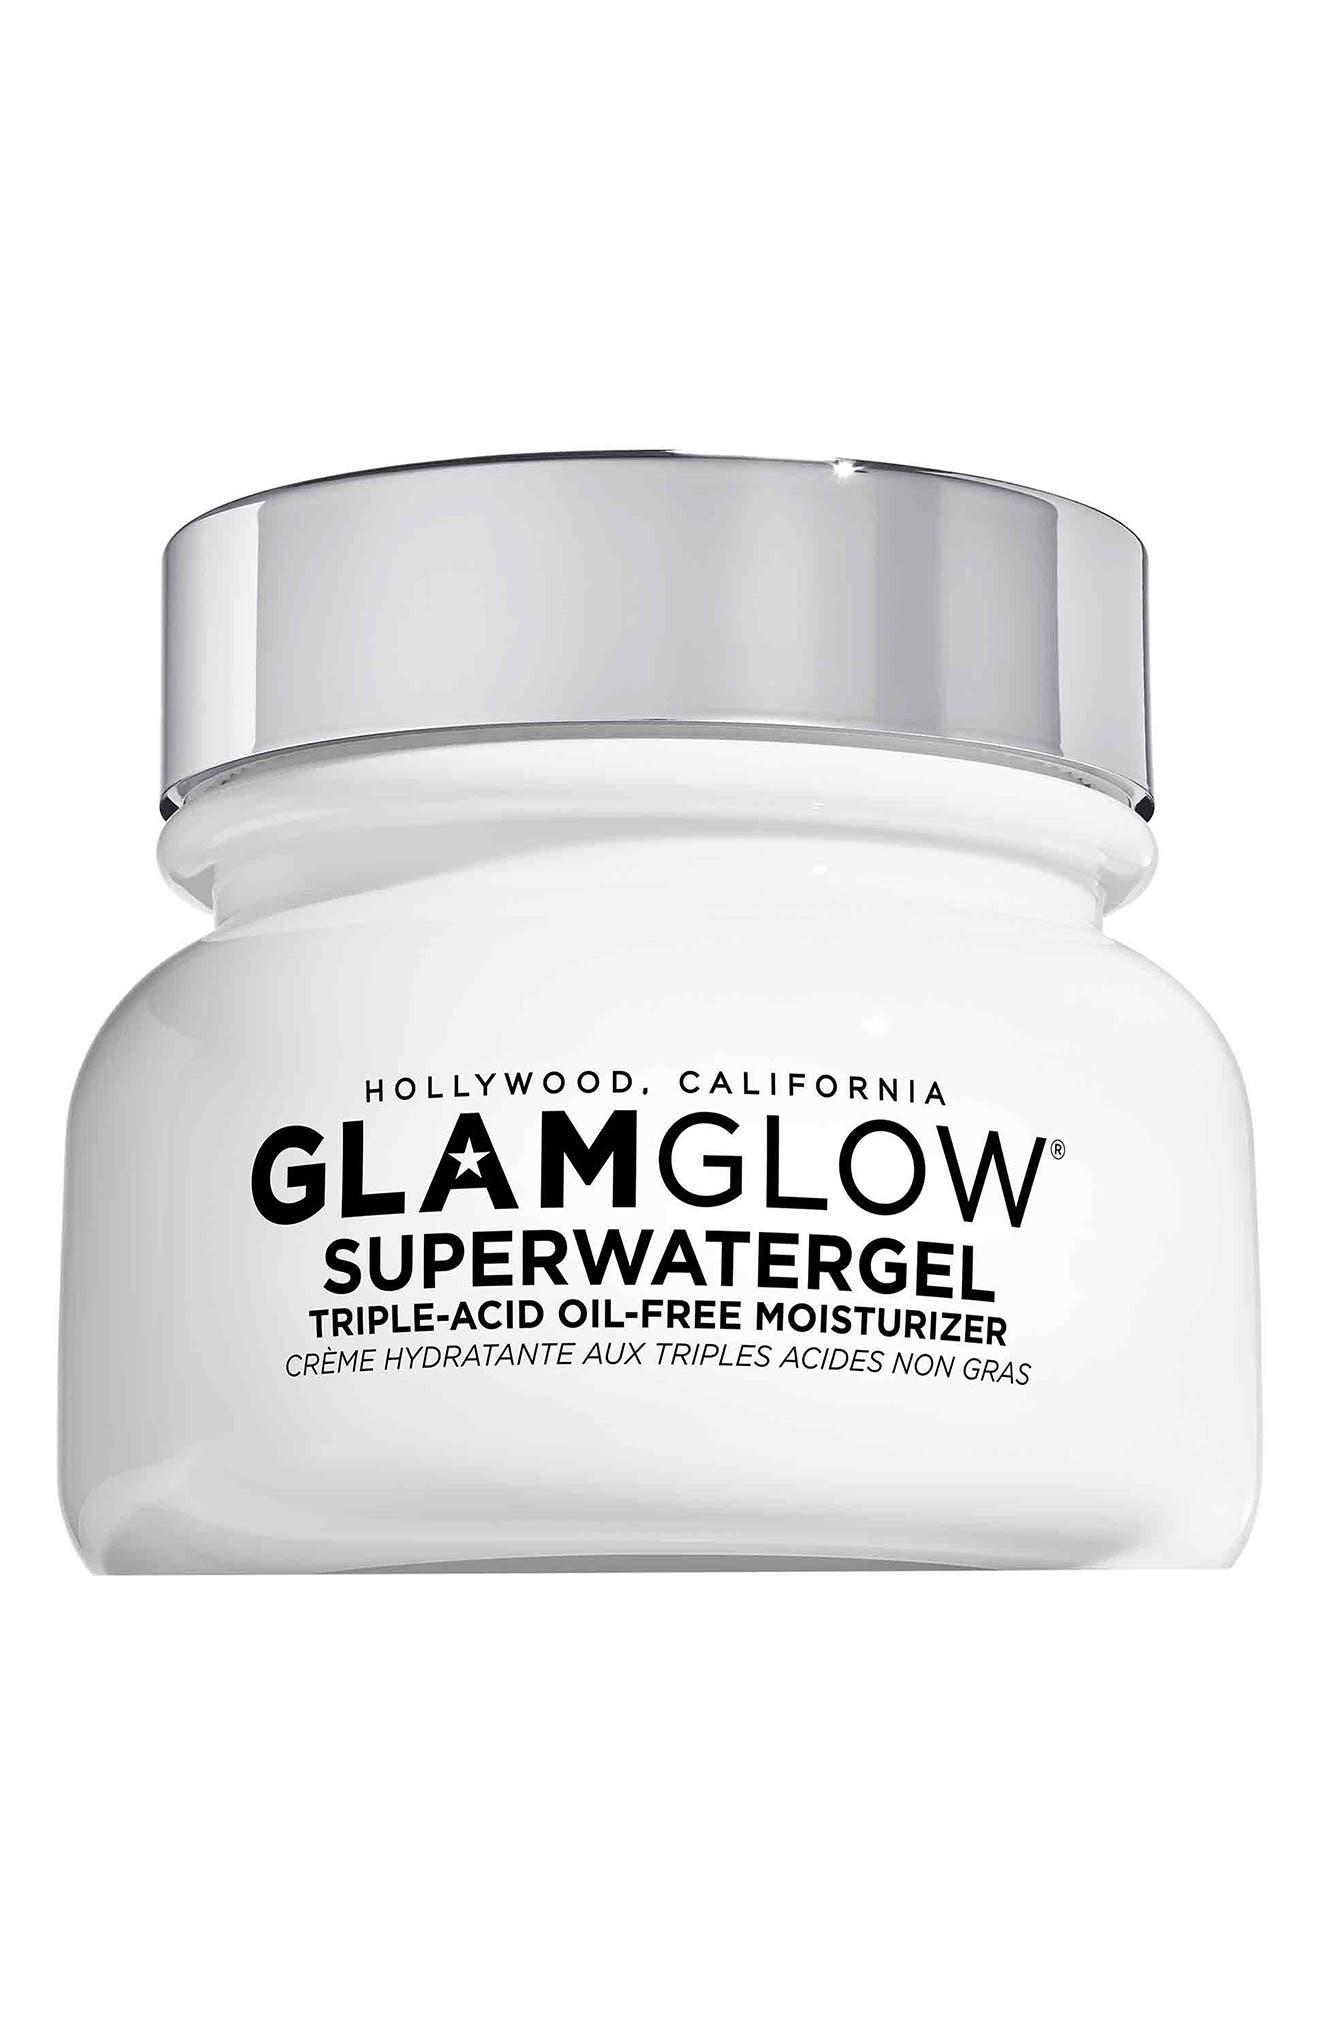 Glamglow Superwatergel Triple-Acid Oil-Free Moisturizer